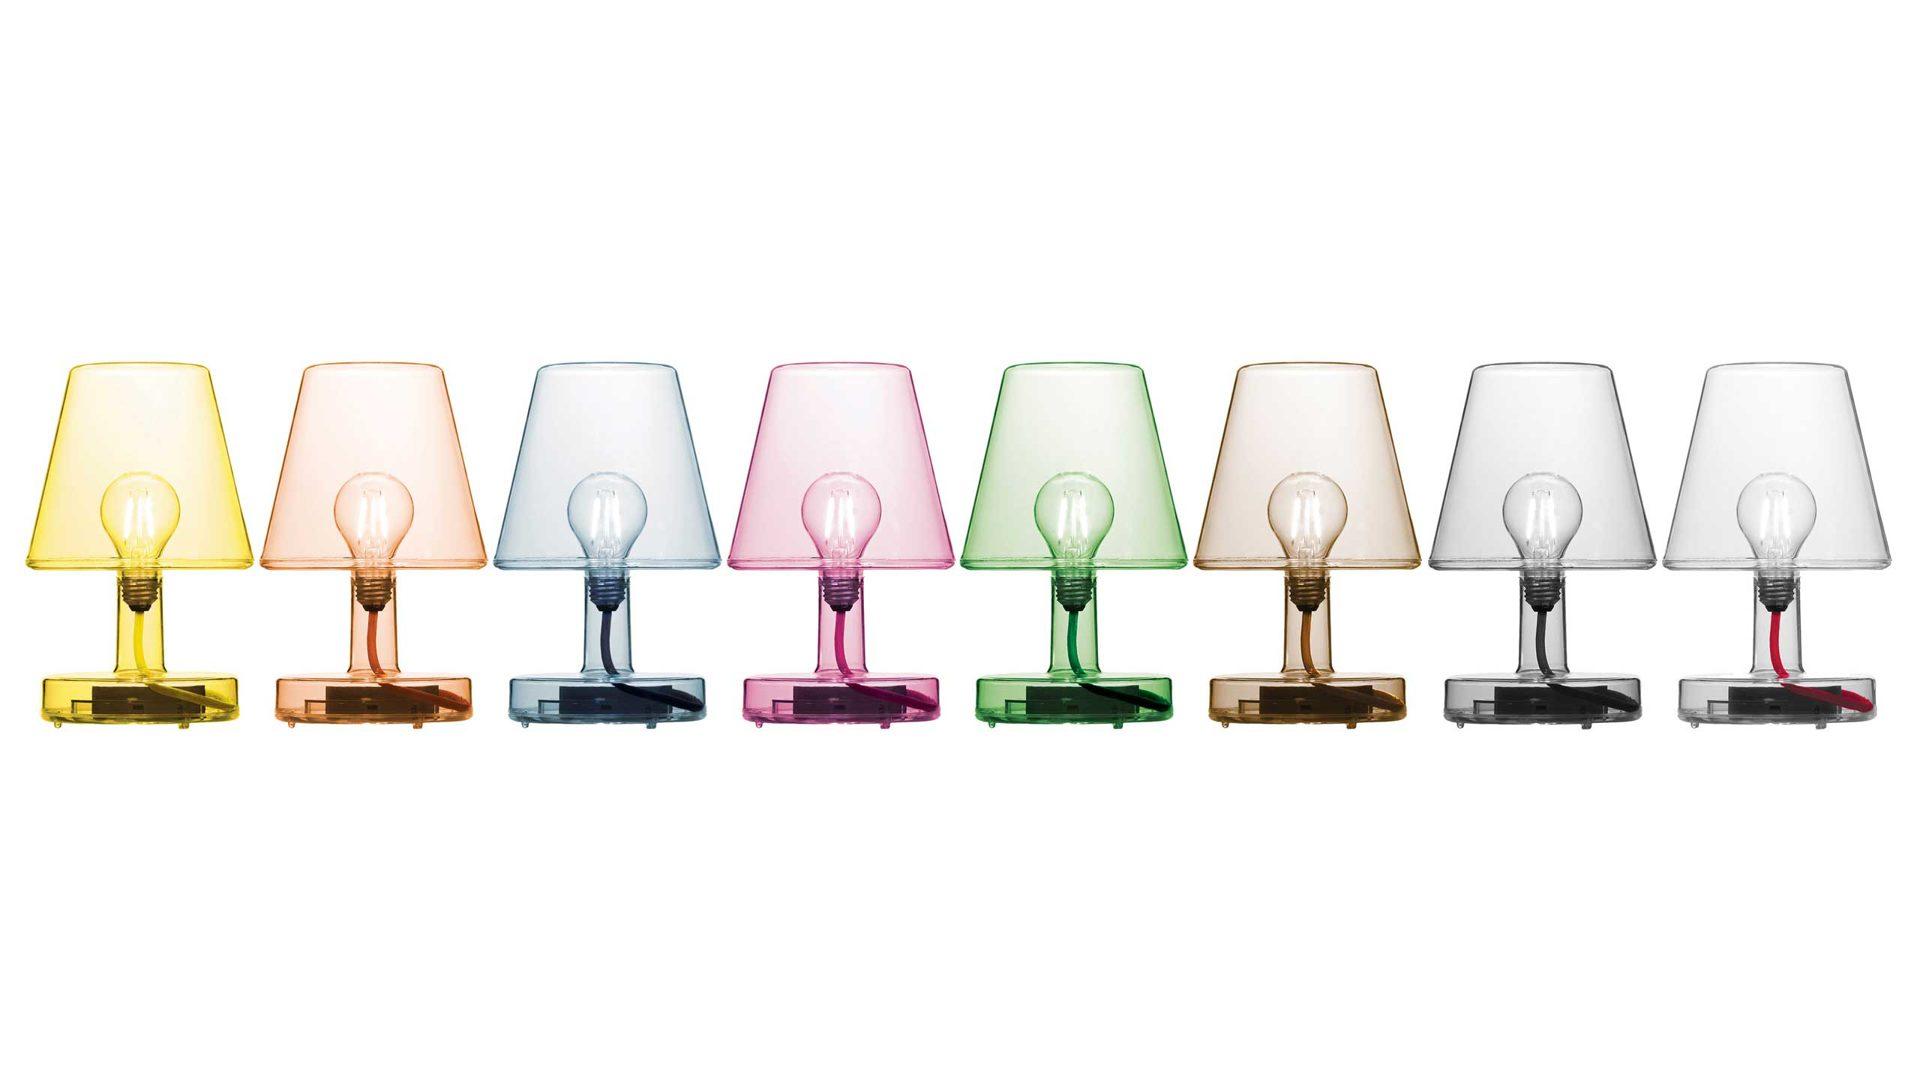 FATBOY TRANSLOETJE Tischleuchte LED-Leuchte mit Akku, gelb, gelbe ...